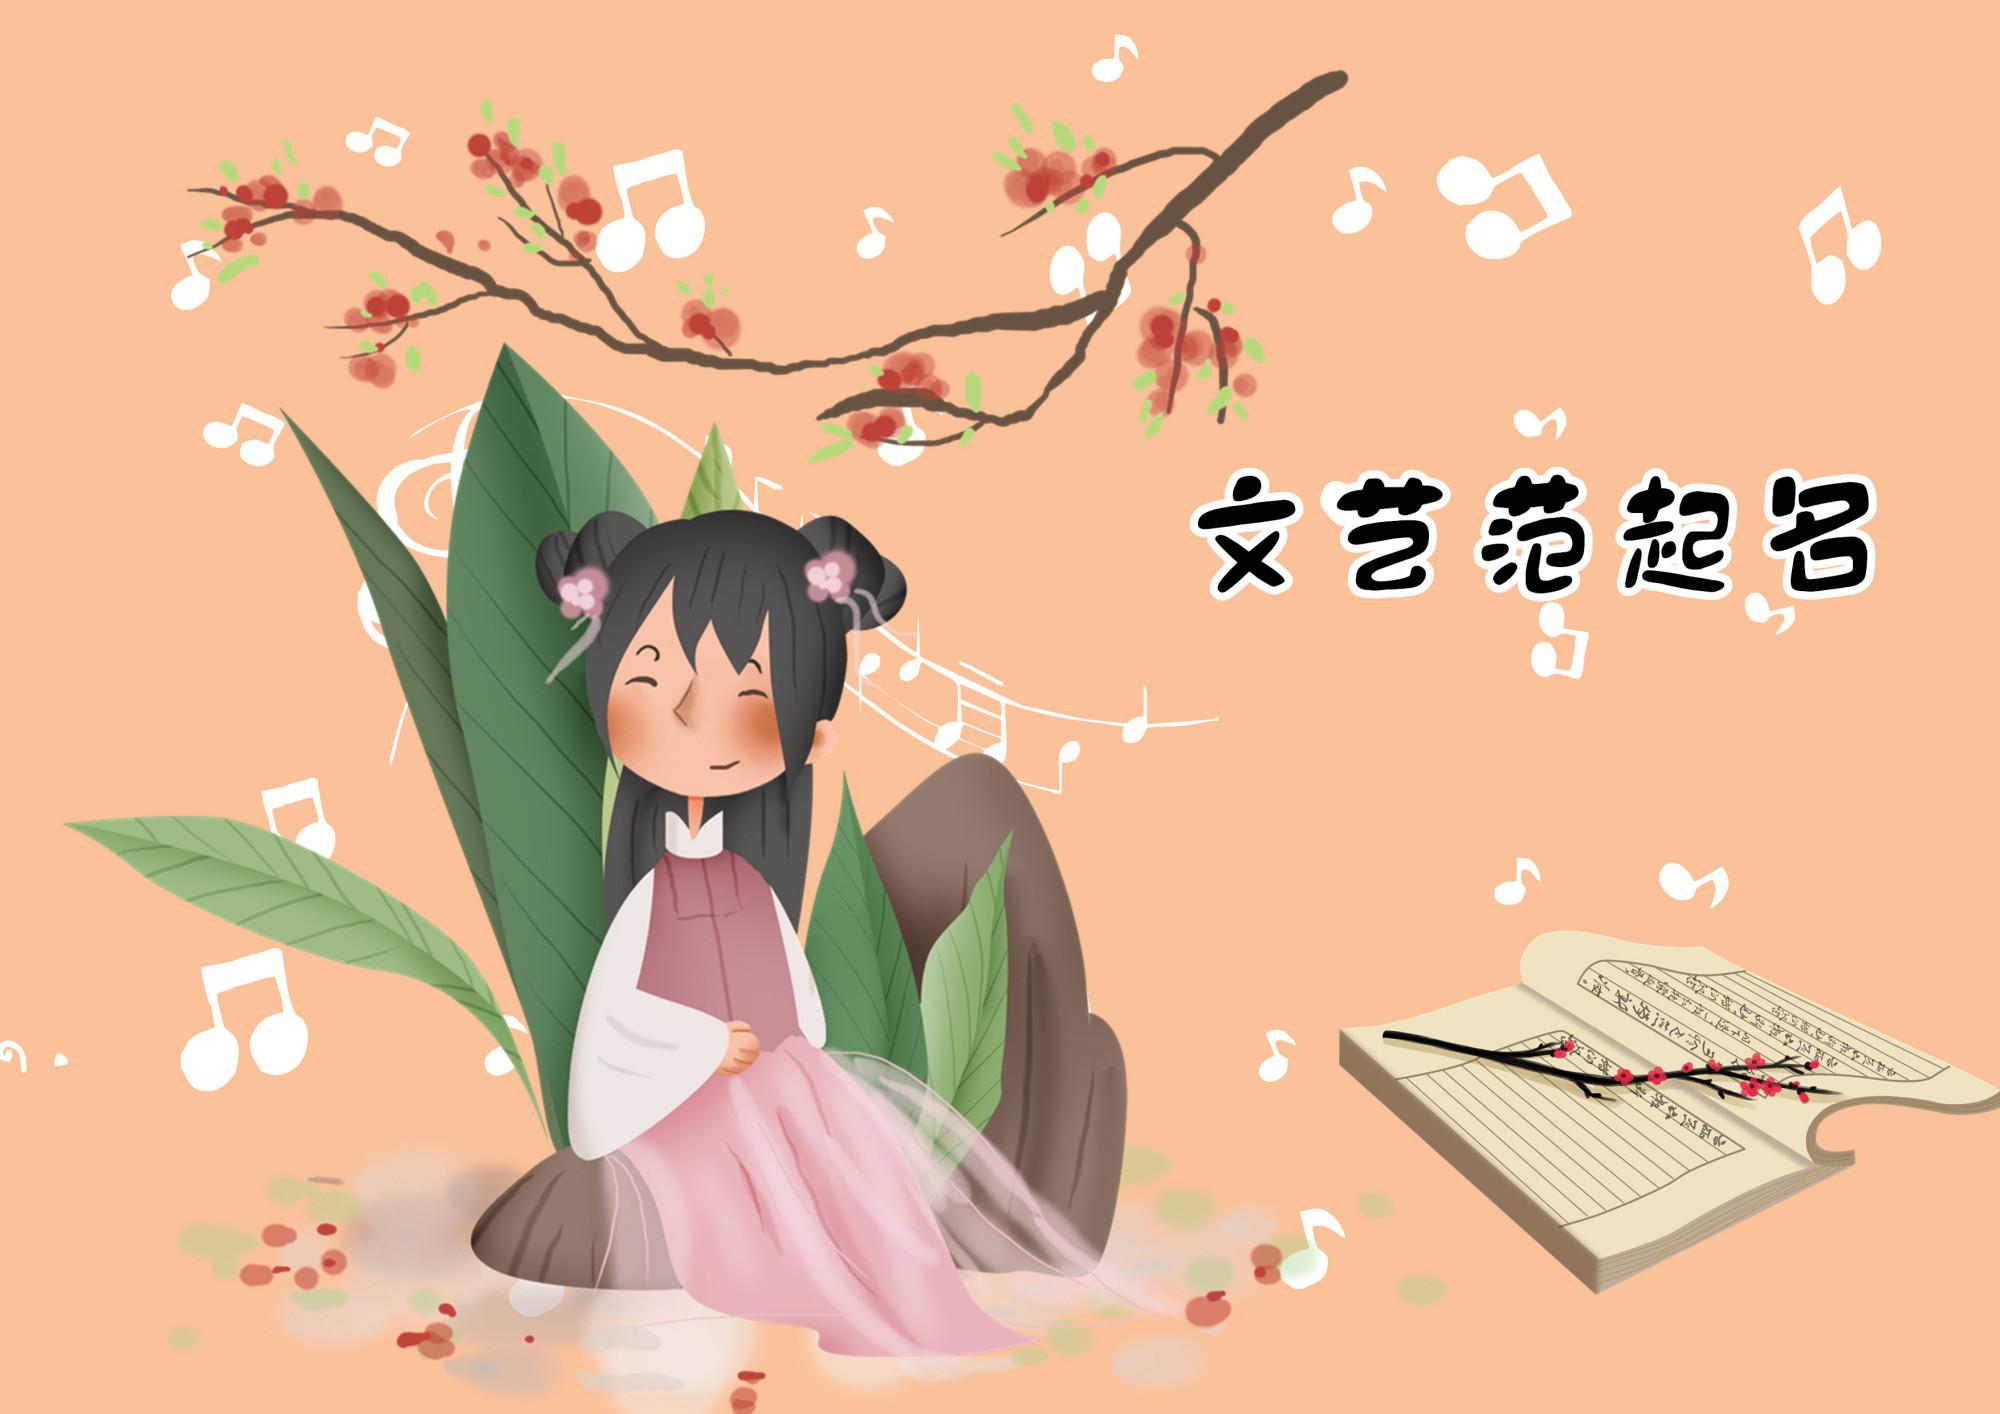 """19年宝宝姓名盘点,三""""zǐ""""再上榜,网友:烂大街了金鼠避着点"""